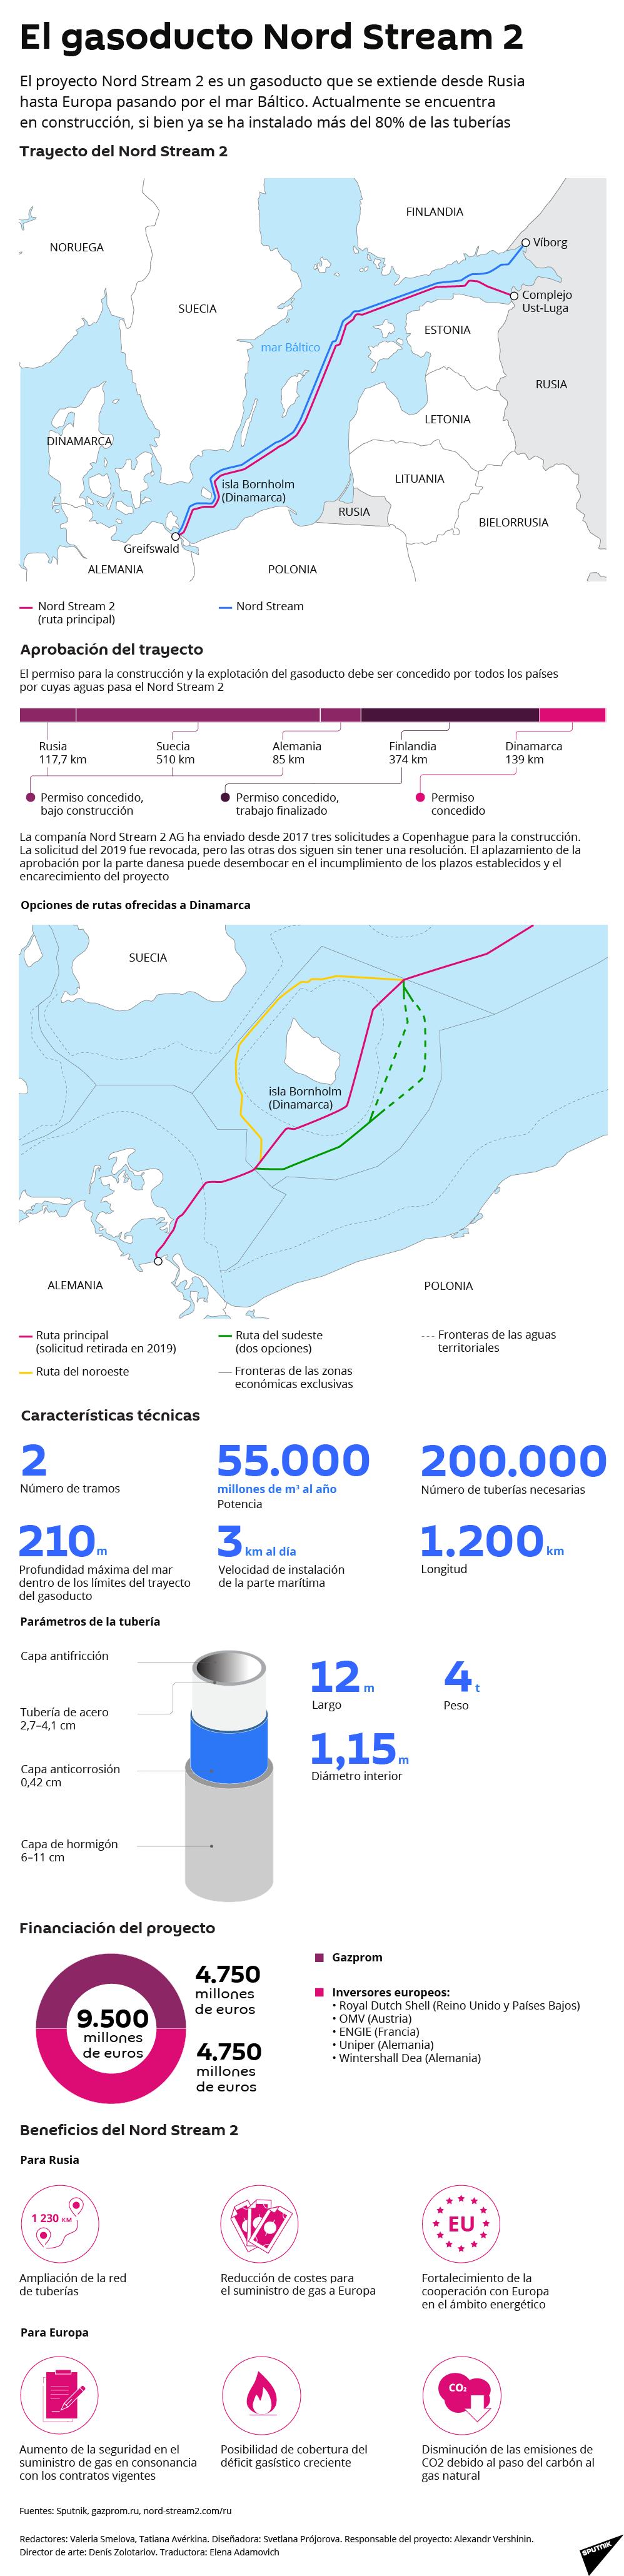 El gasoducto Nord Stream 2, al detalle - Sputnik Mundo